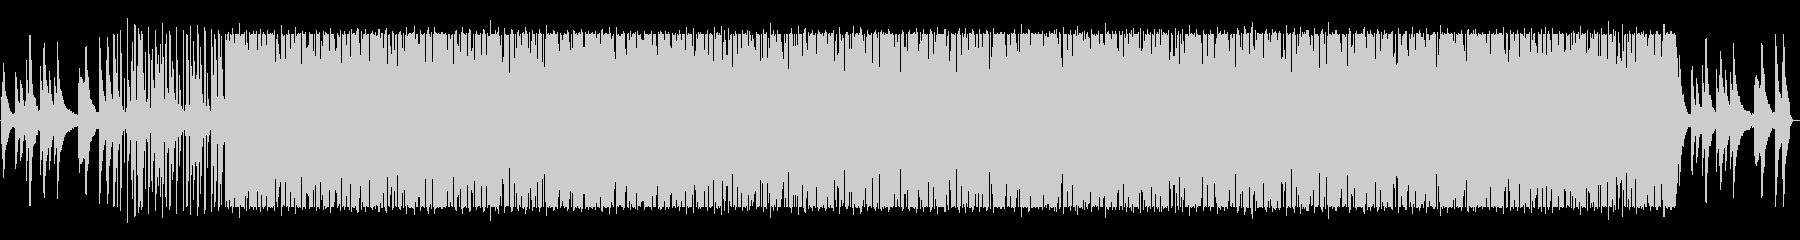 ピアノループがメインのローファイチルの未再生の波形